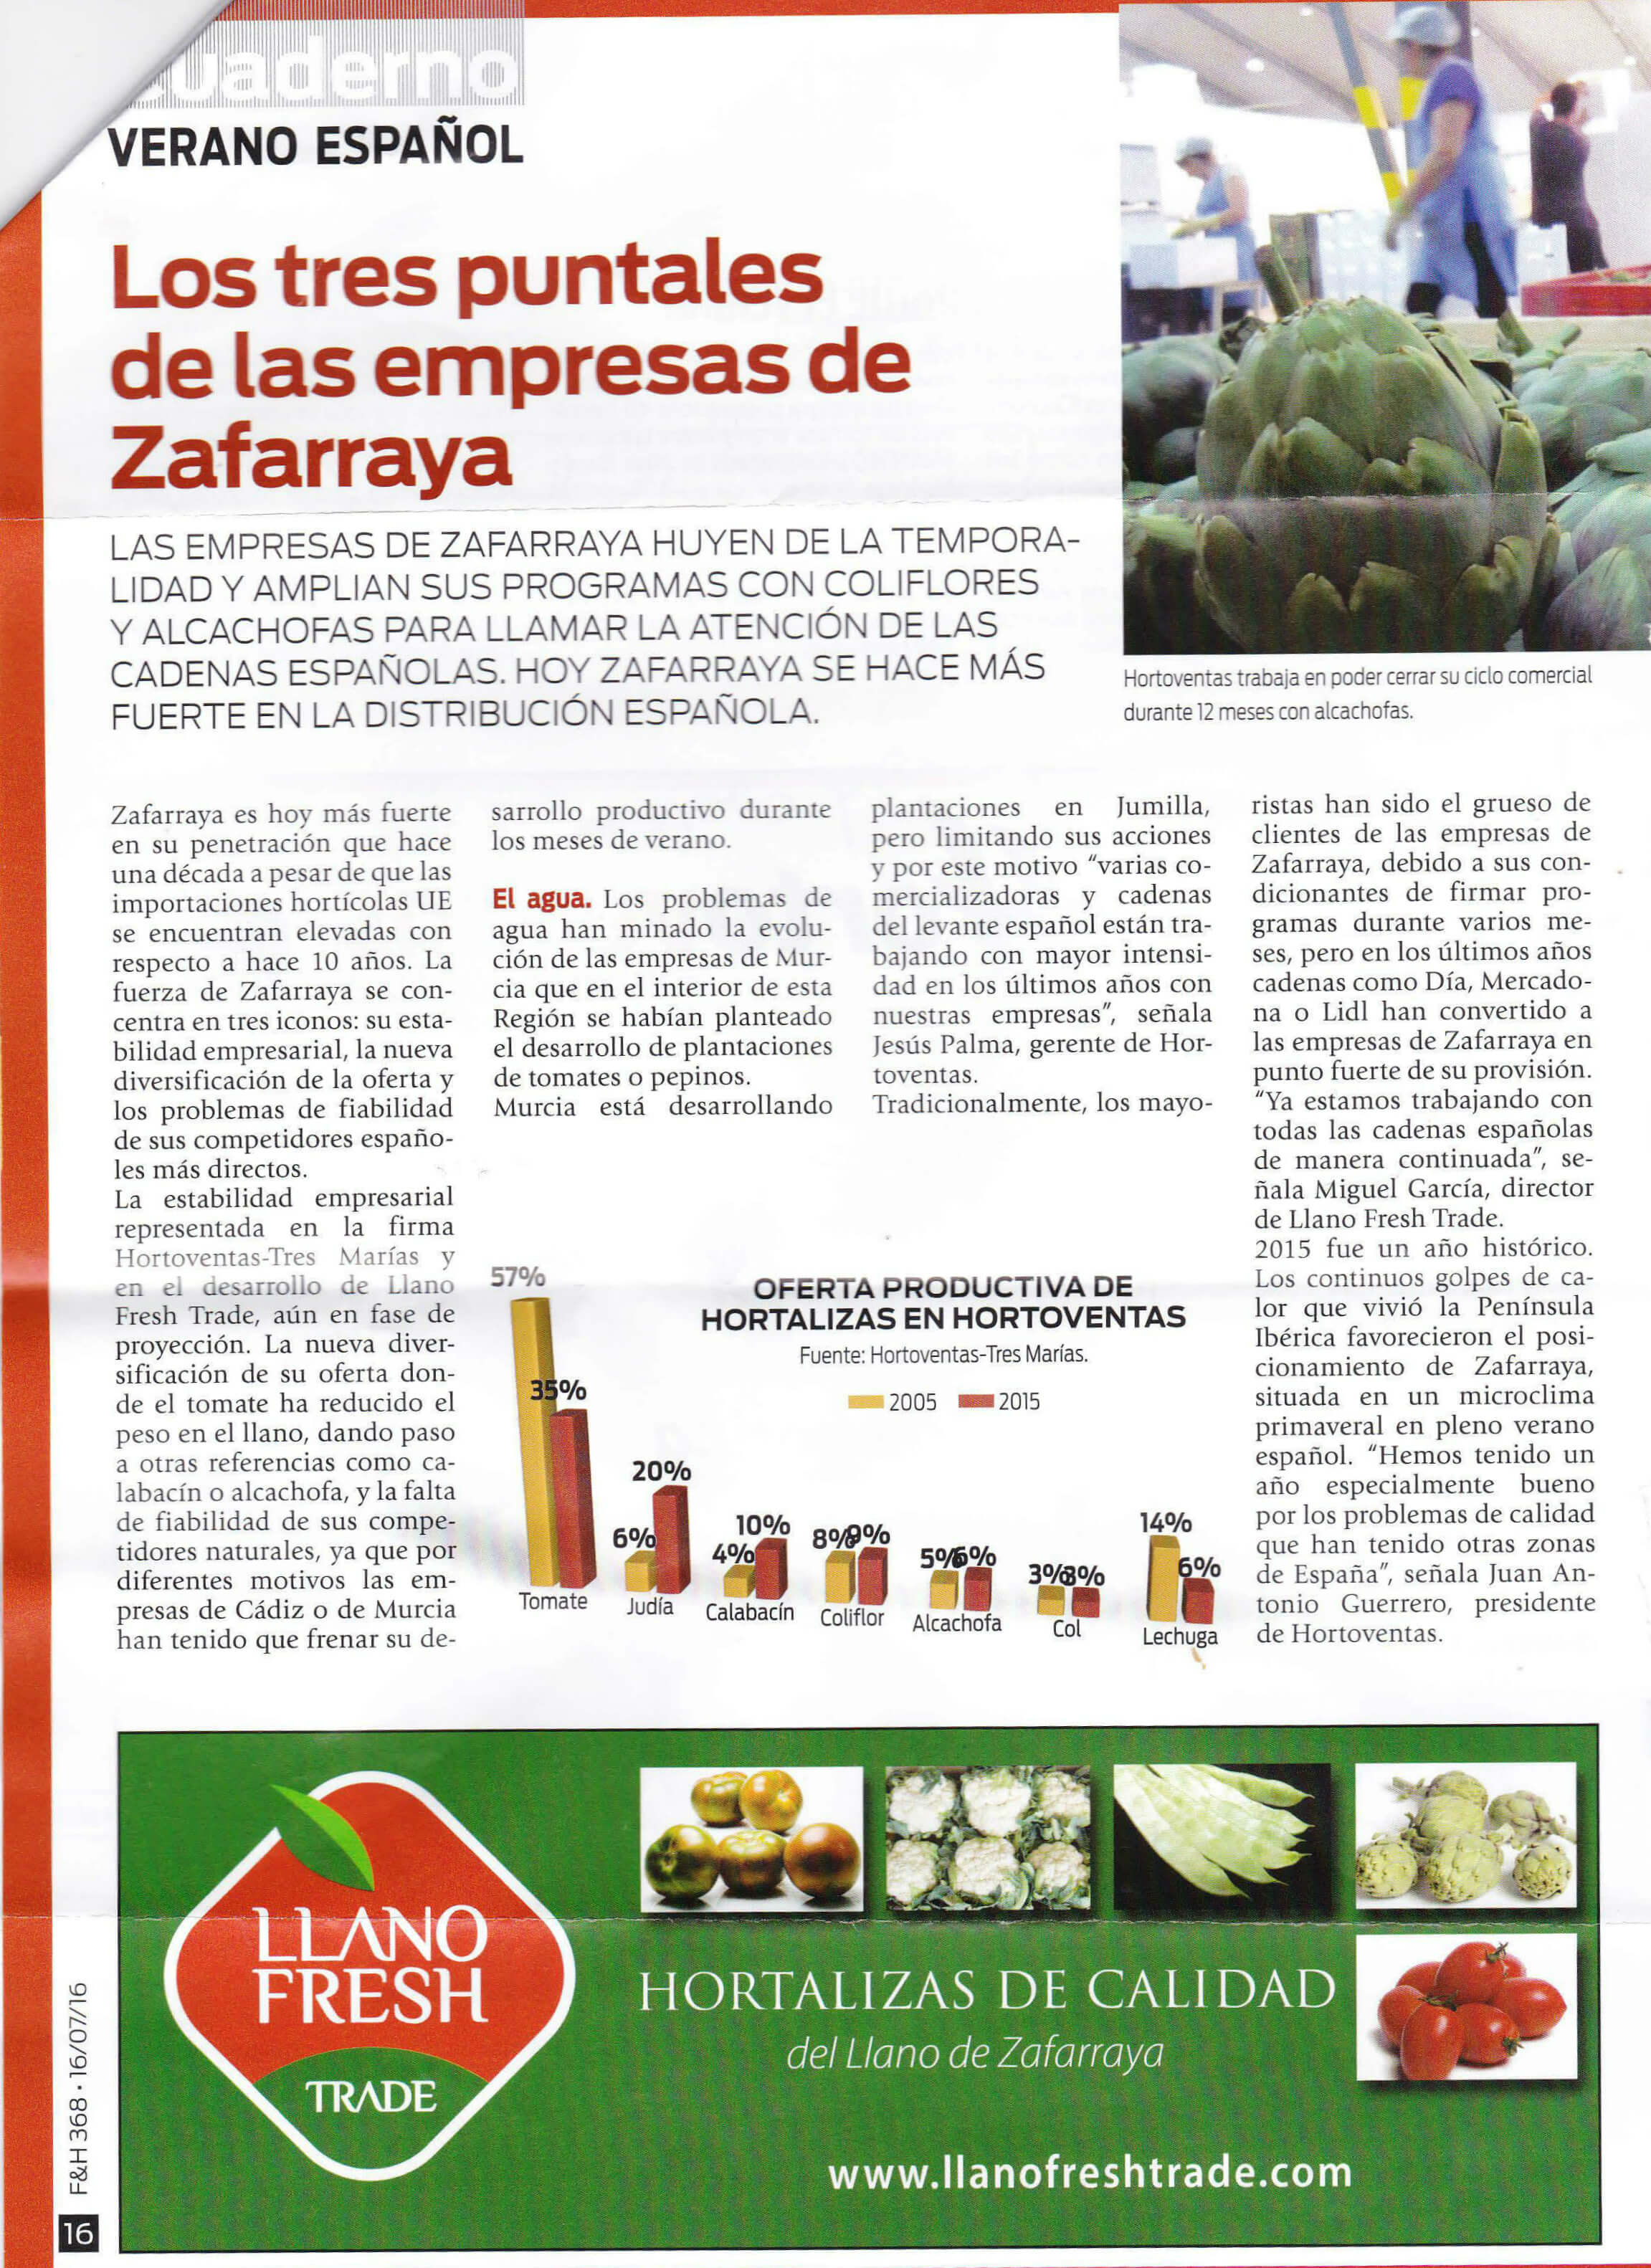 LLano Fresh en la revista F&H